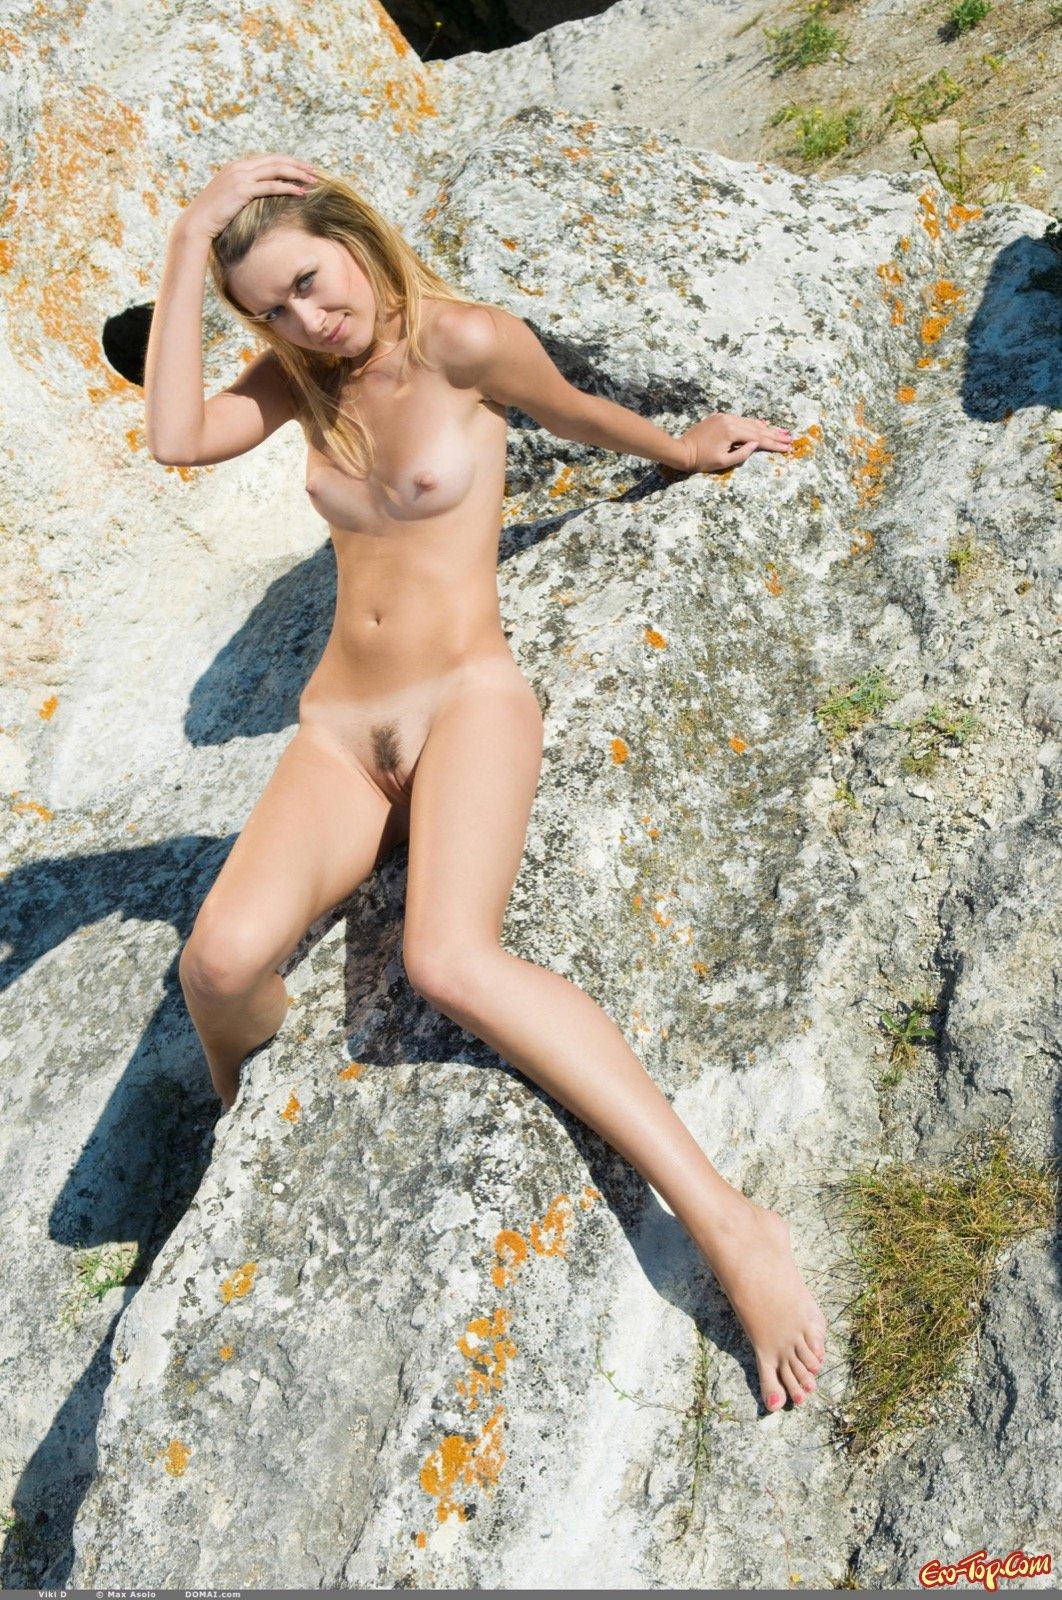 Совершеннолетняя худощавая девушка сексуально оголилась на скалах